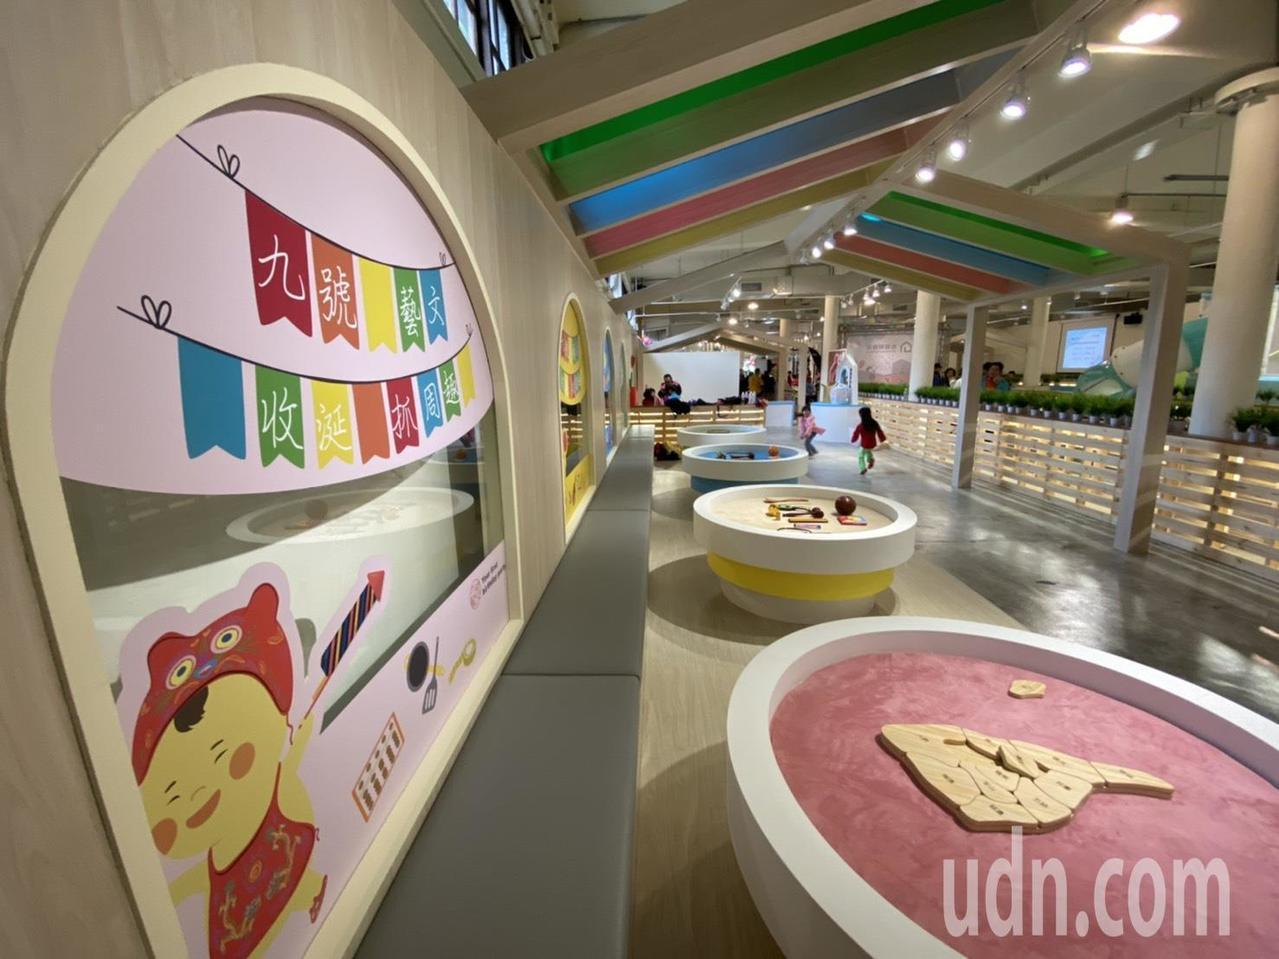 「九號製造所」今天開張,以餐飲服務及親子遊憩空間為主題。記者羅建旺/攝影